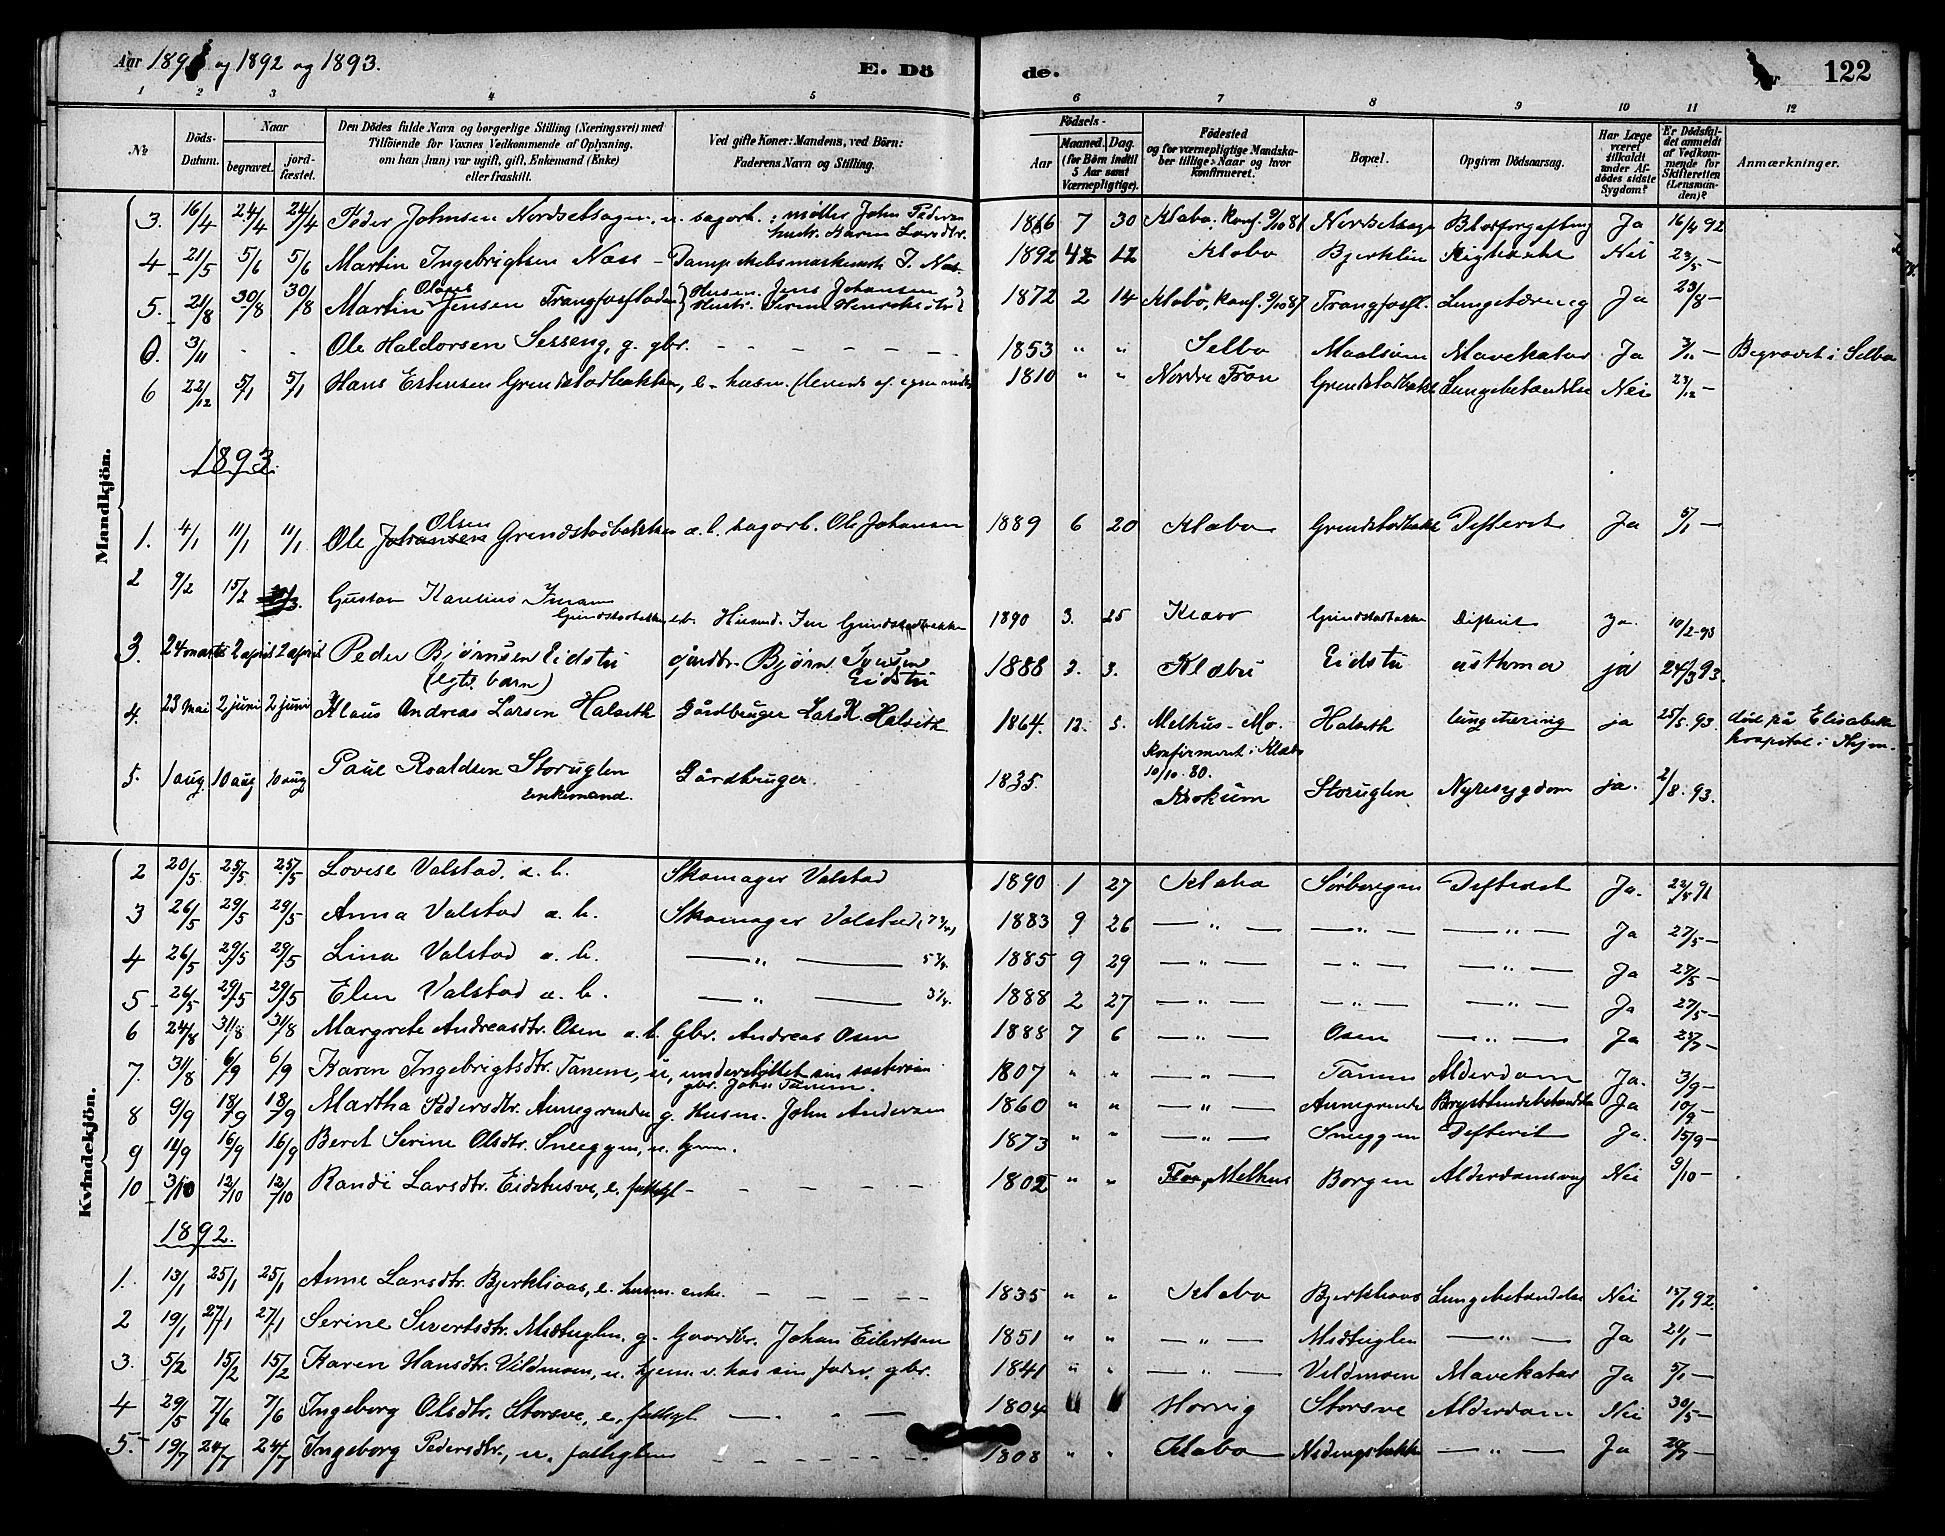 SAT, Ministerialprotokoller, klokkerbøker og fødselsregistre - Sør-Trøndelag, 618/L0444: Ministerialbok nr. 618A07, 1880-1898, s. 122